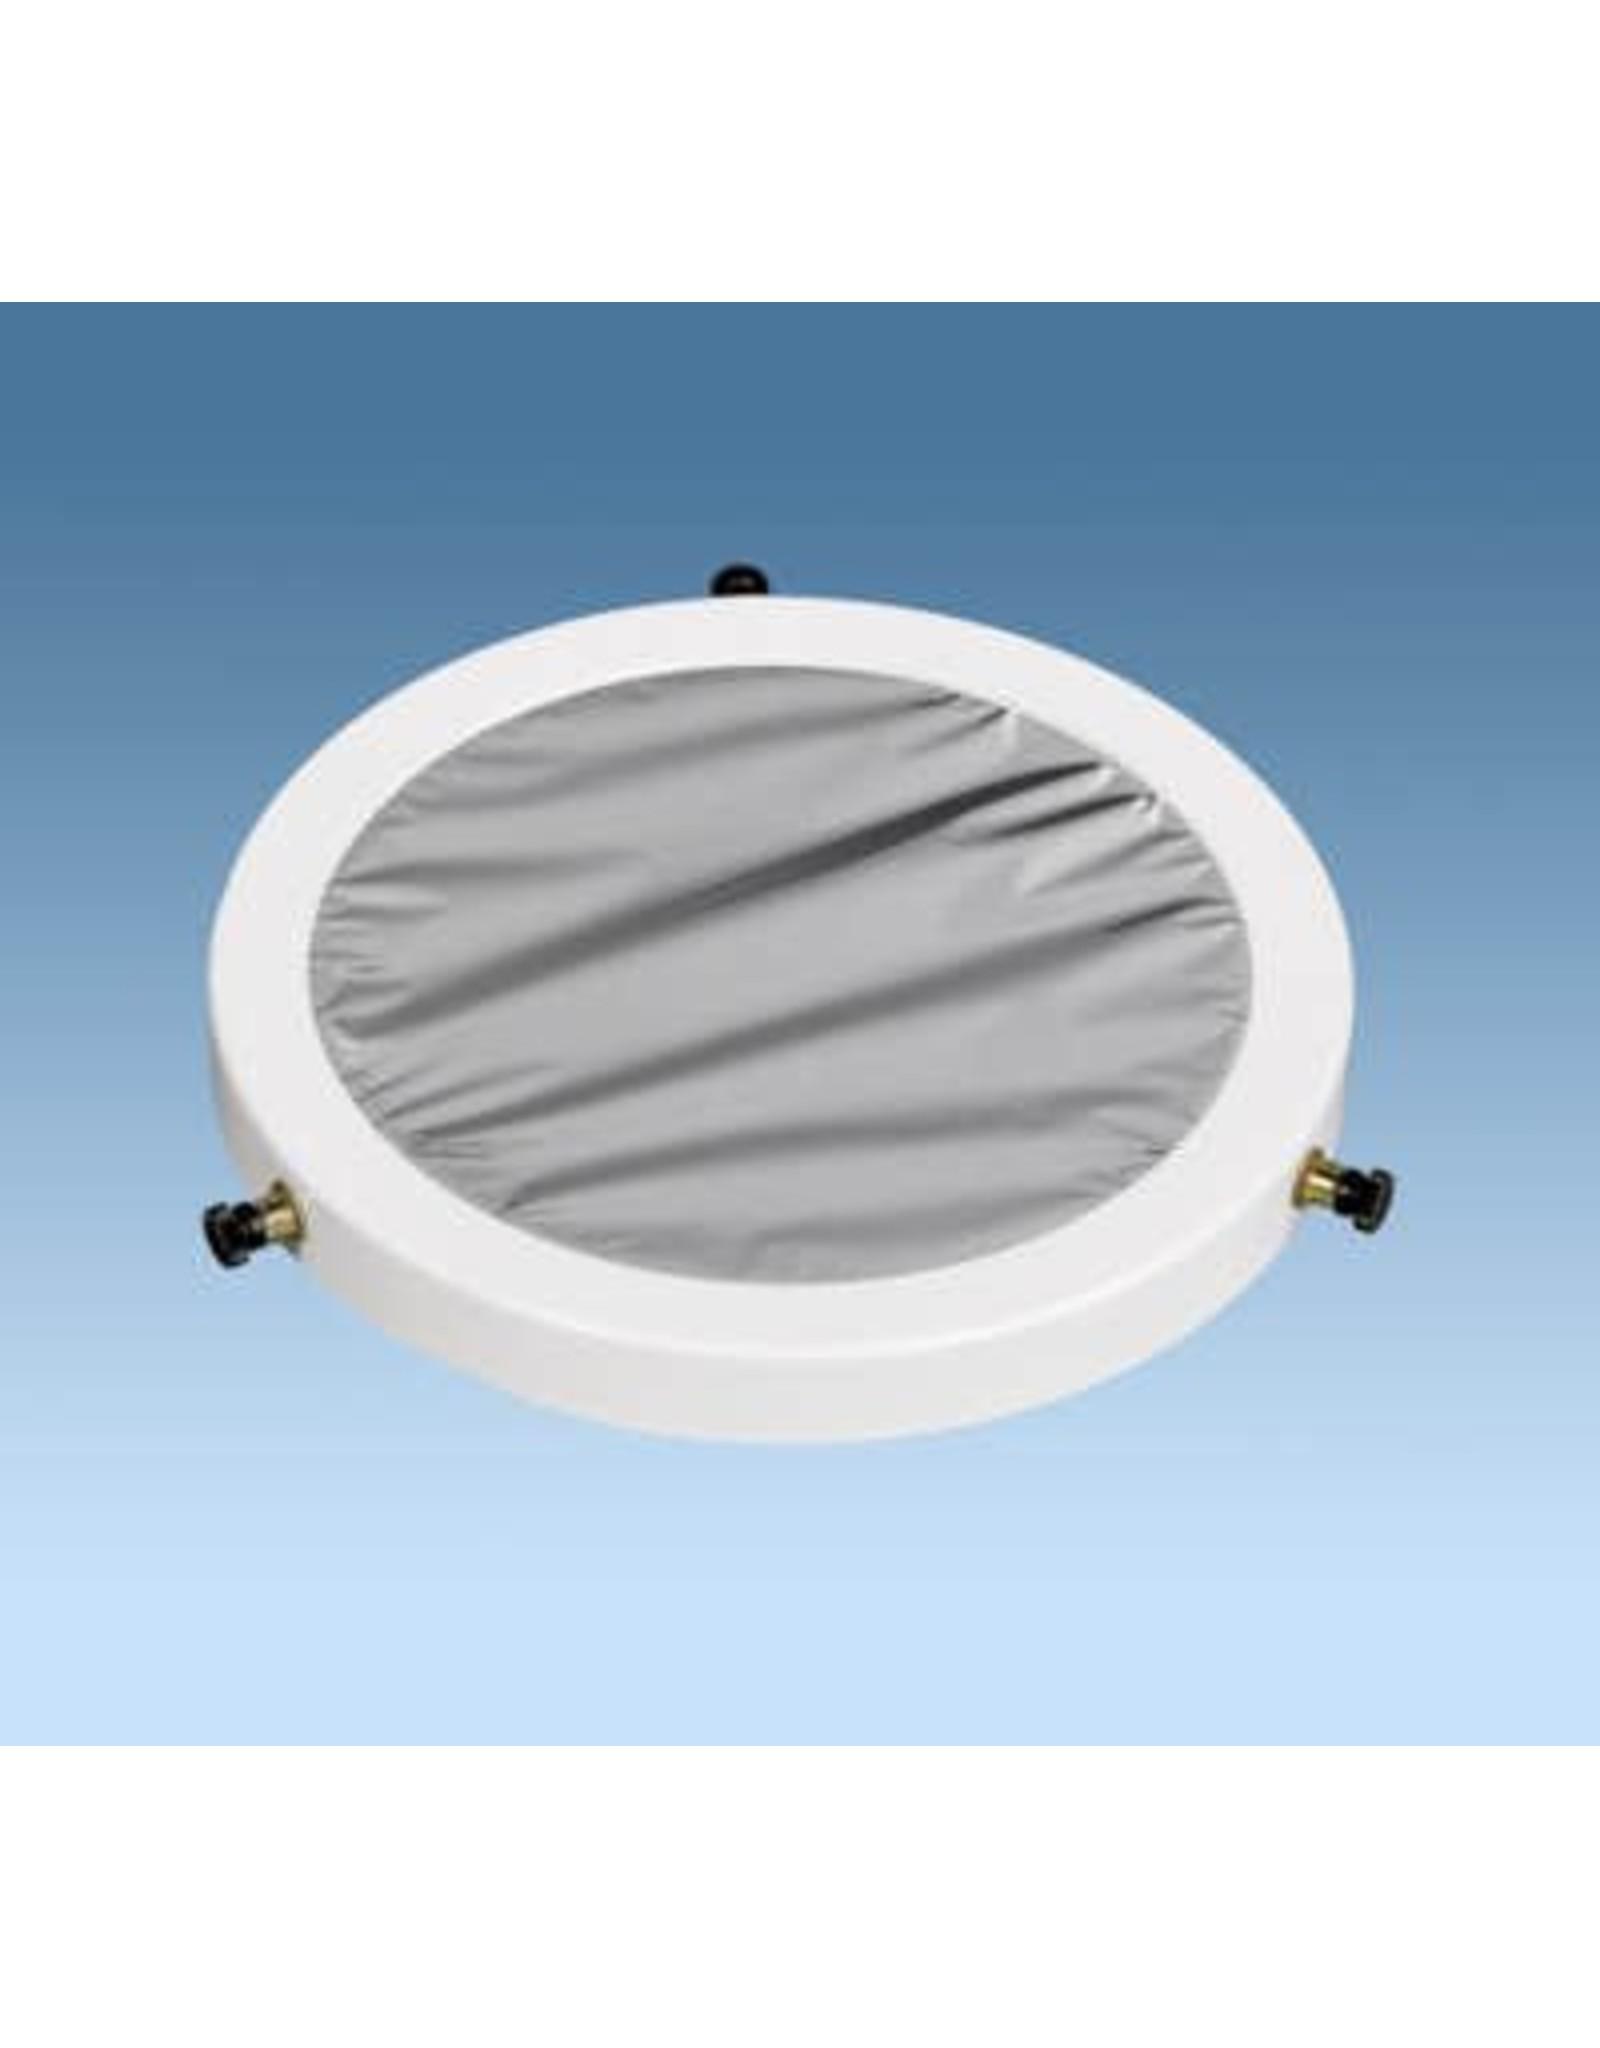 Astrozap AZ-1013-1 Baader Solar Filter - 165mm-175mm